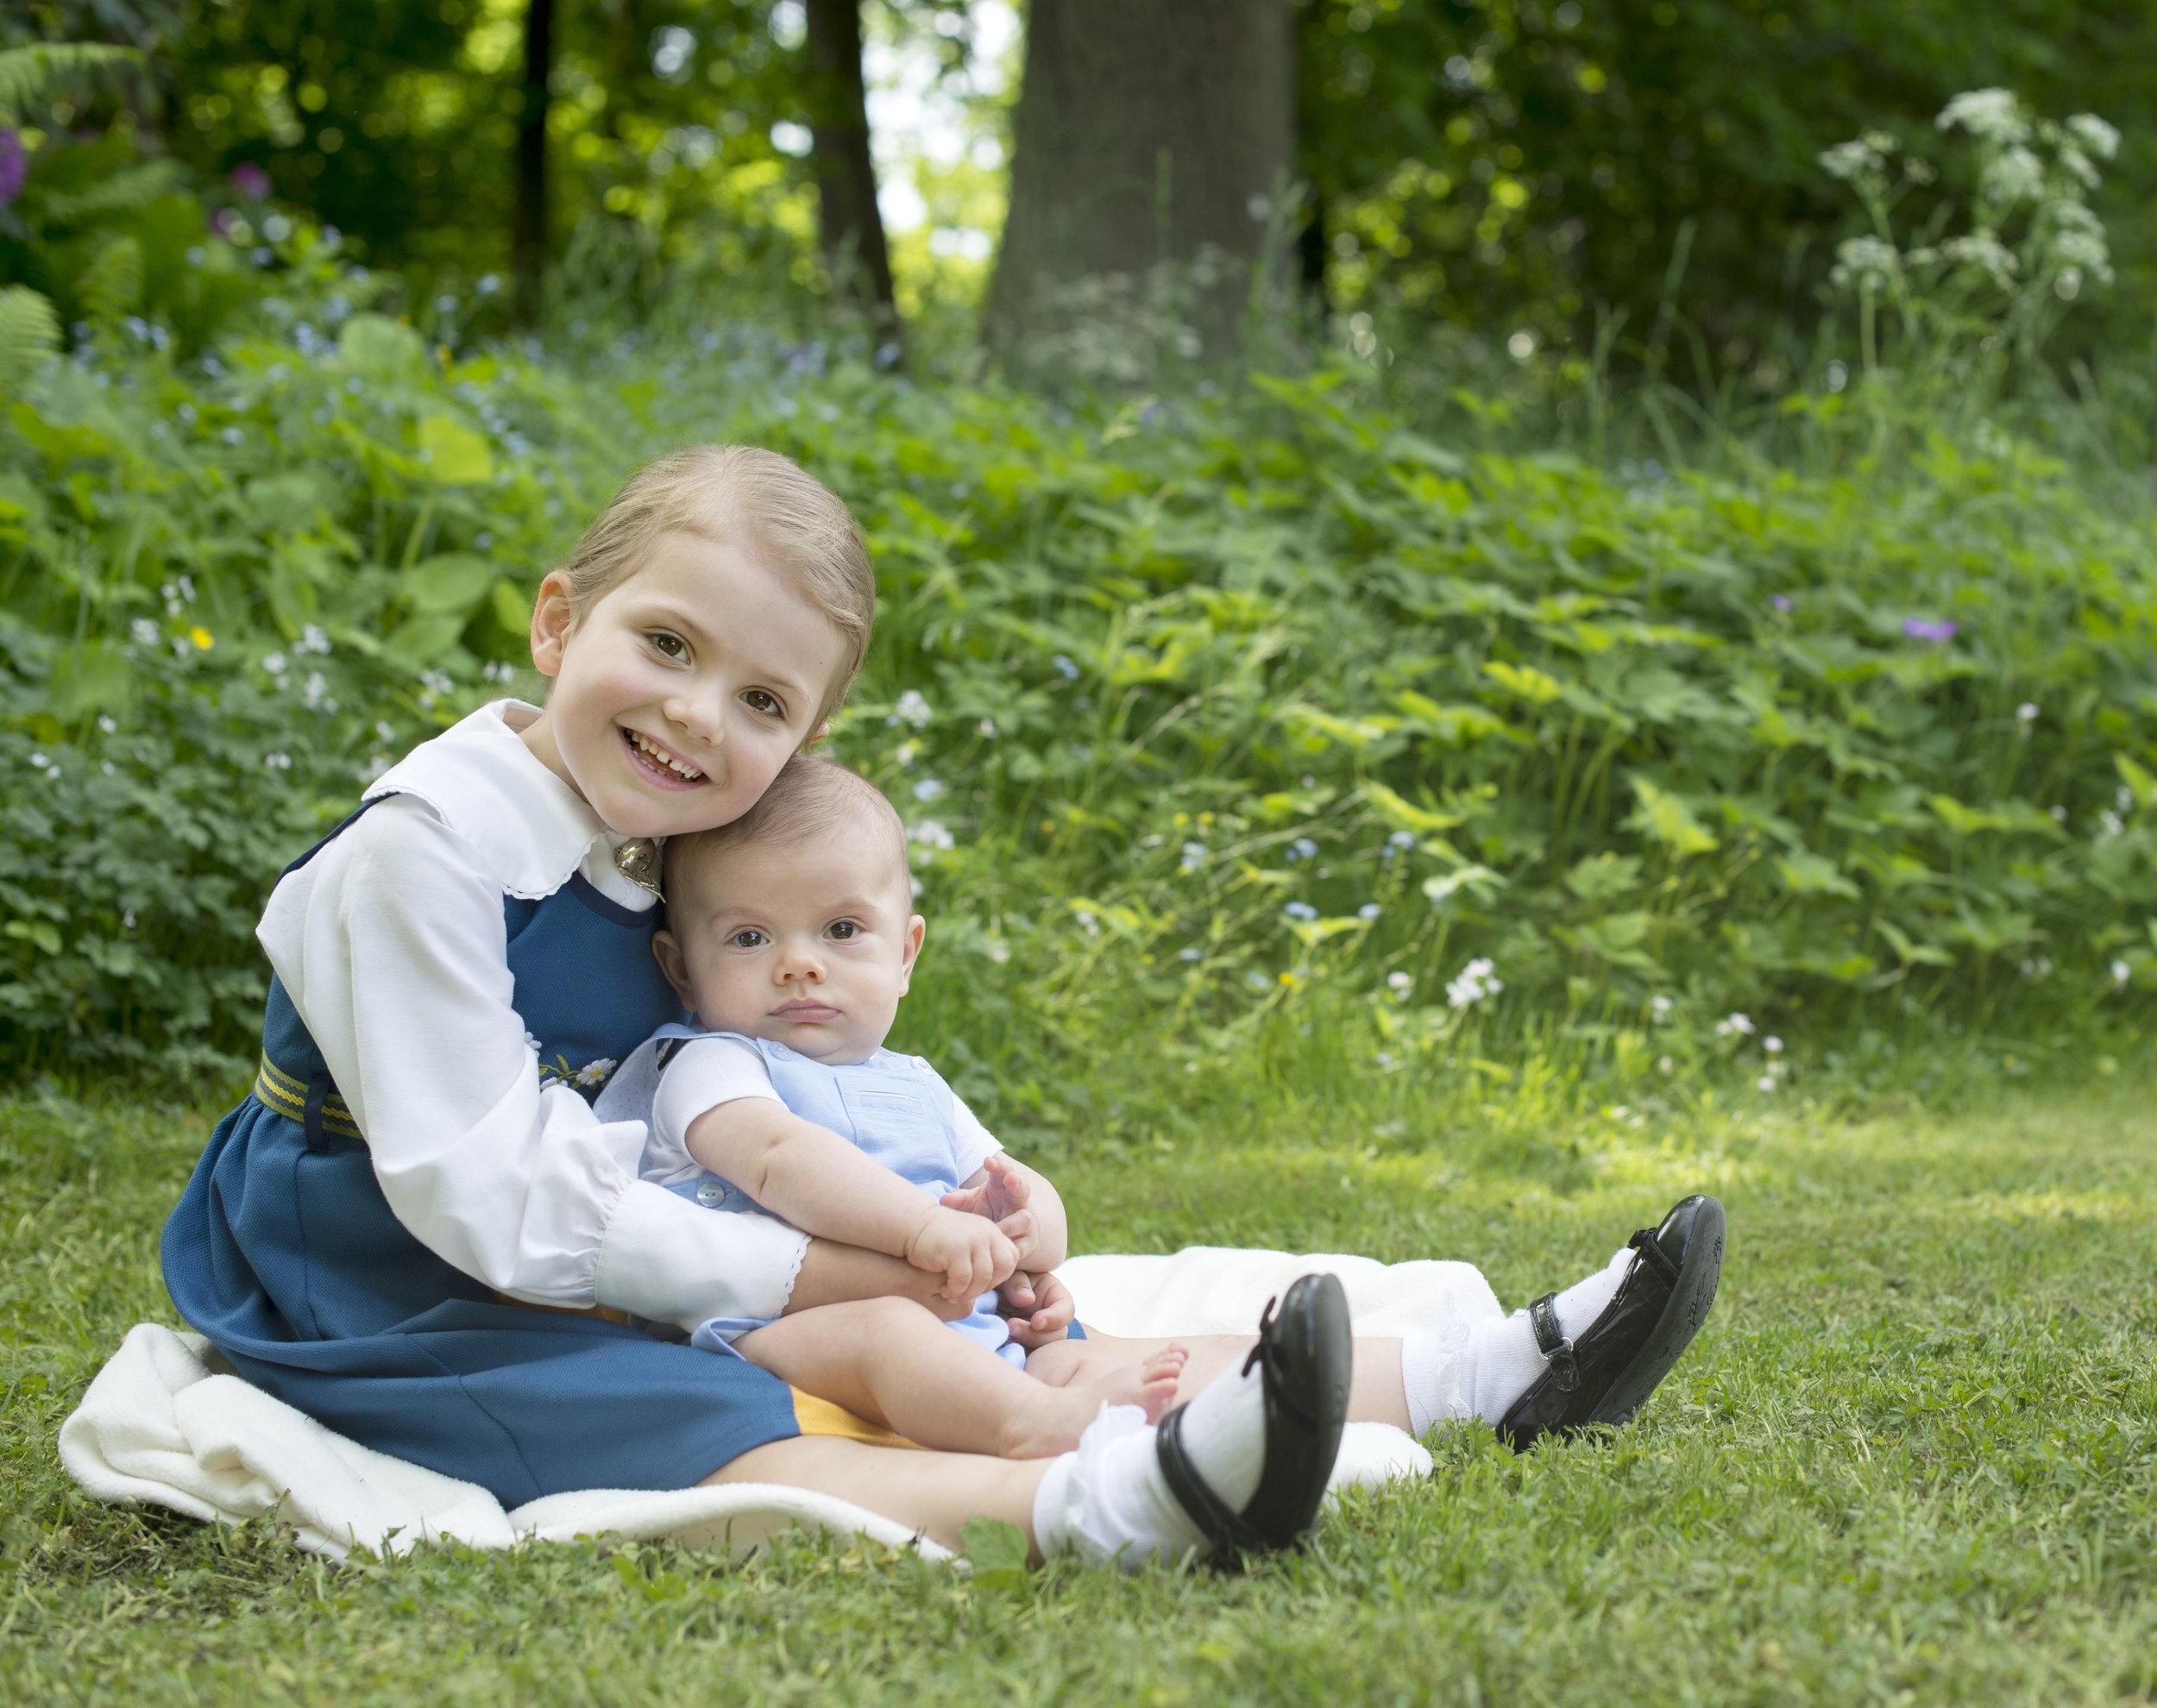 Geschwisterliebe: Prinzessin Estelle vergöttert ihren kleine Bruder.  ©Kate Gabor, Kungahuset.se